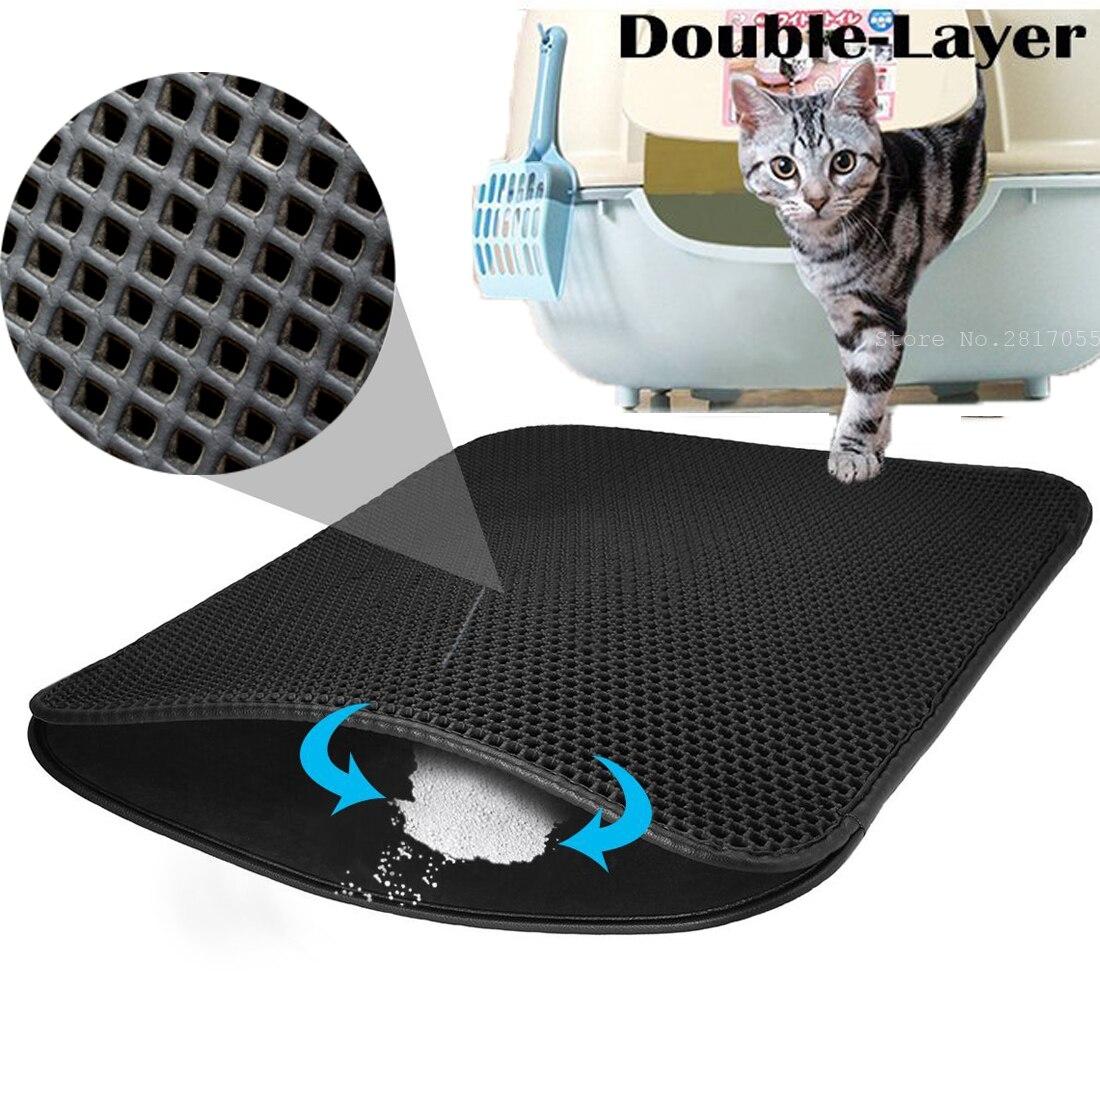 Small Medium Large Waterproof Cat Litter Mat Pad Black